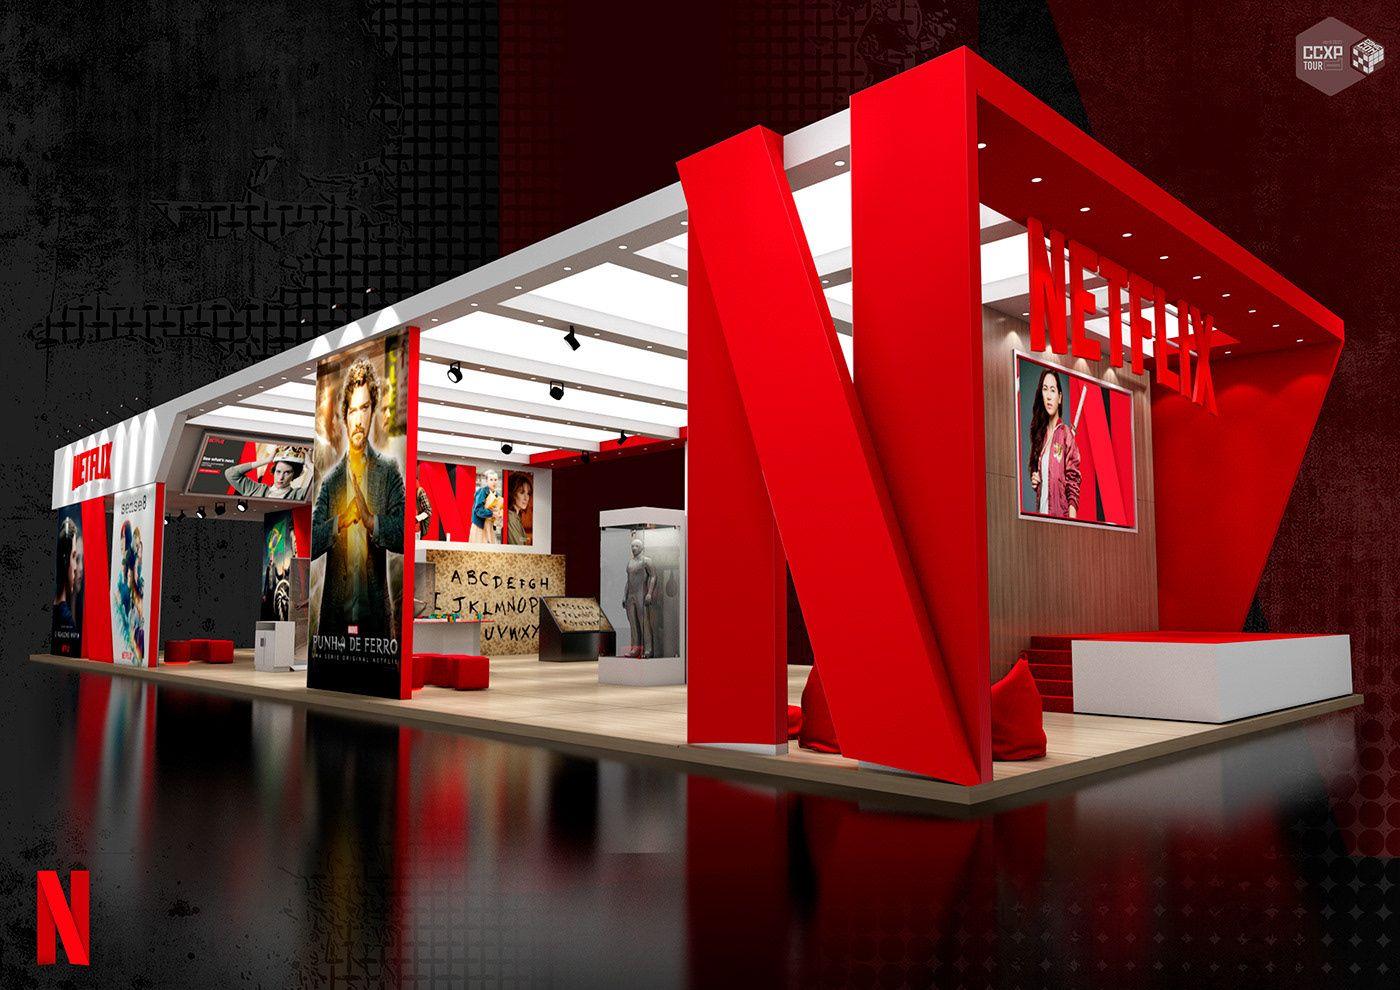 Bekijk Dit Behance Project Netflix Ccxp Tour 2017 Https Www Behance Net Gallery 720796 Trade Show Booth Design Exibition Design Exhibition Booth Design